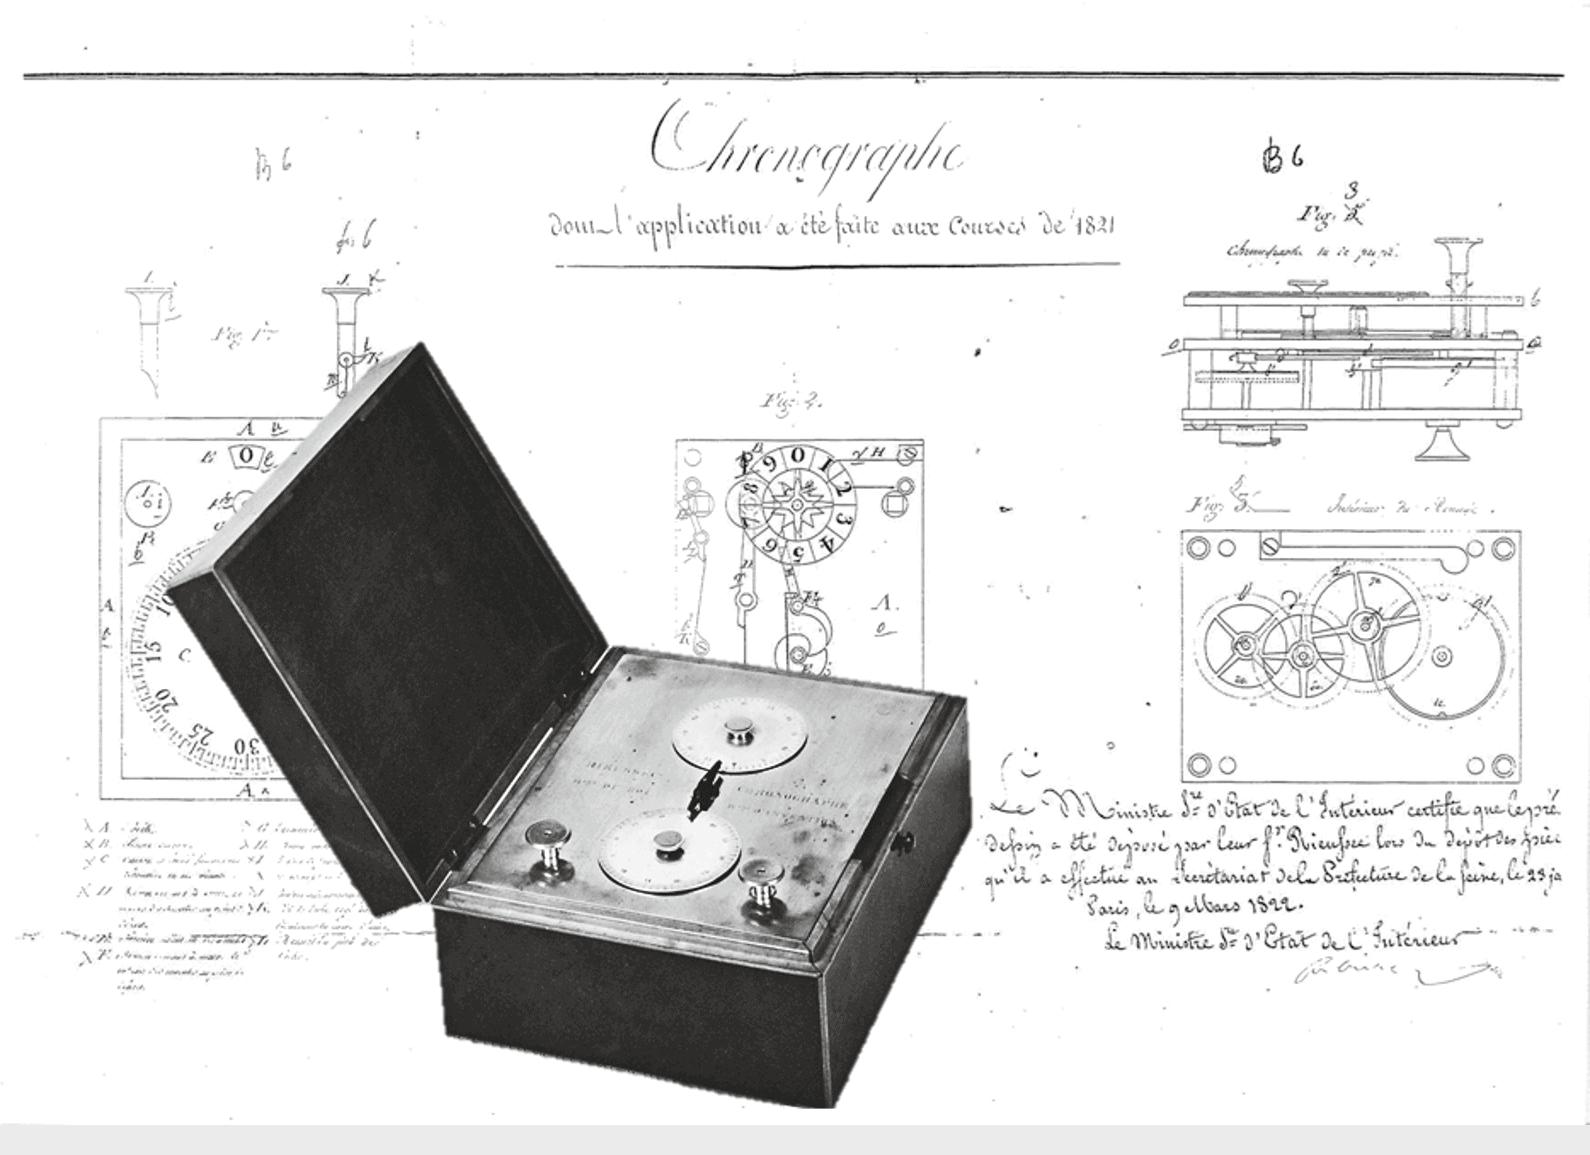 Erster Tintenschreiber Chronograph 1821 von Nicolas Matthieu Rieussec